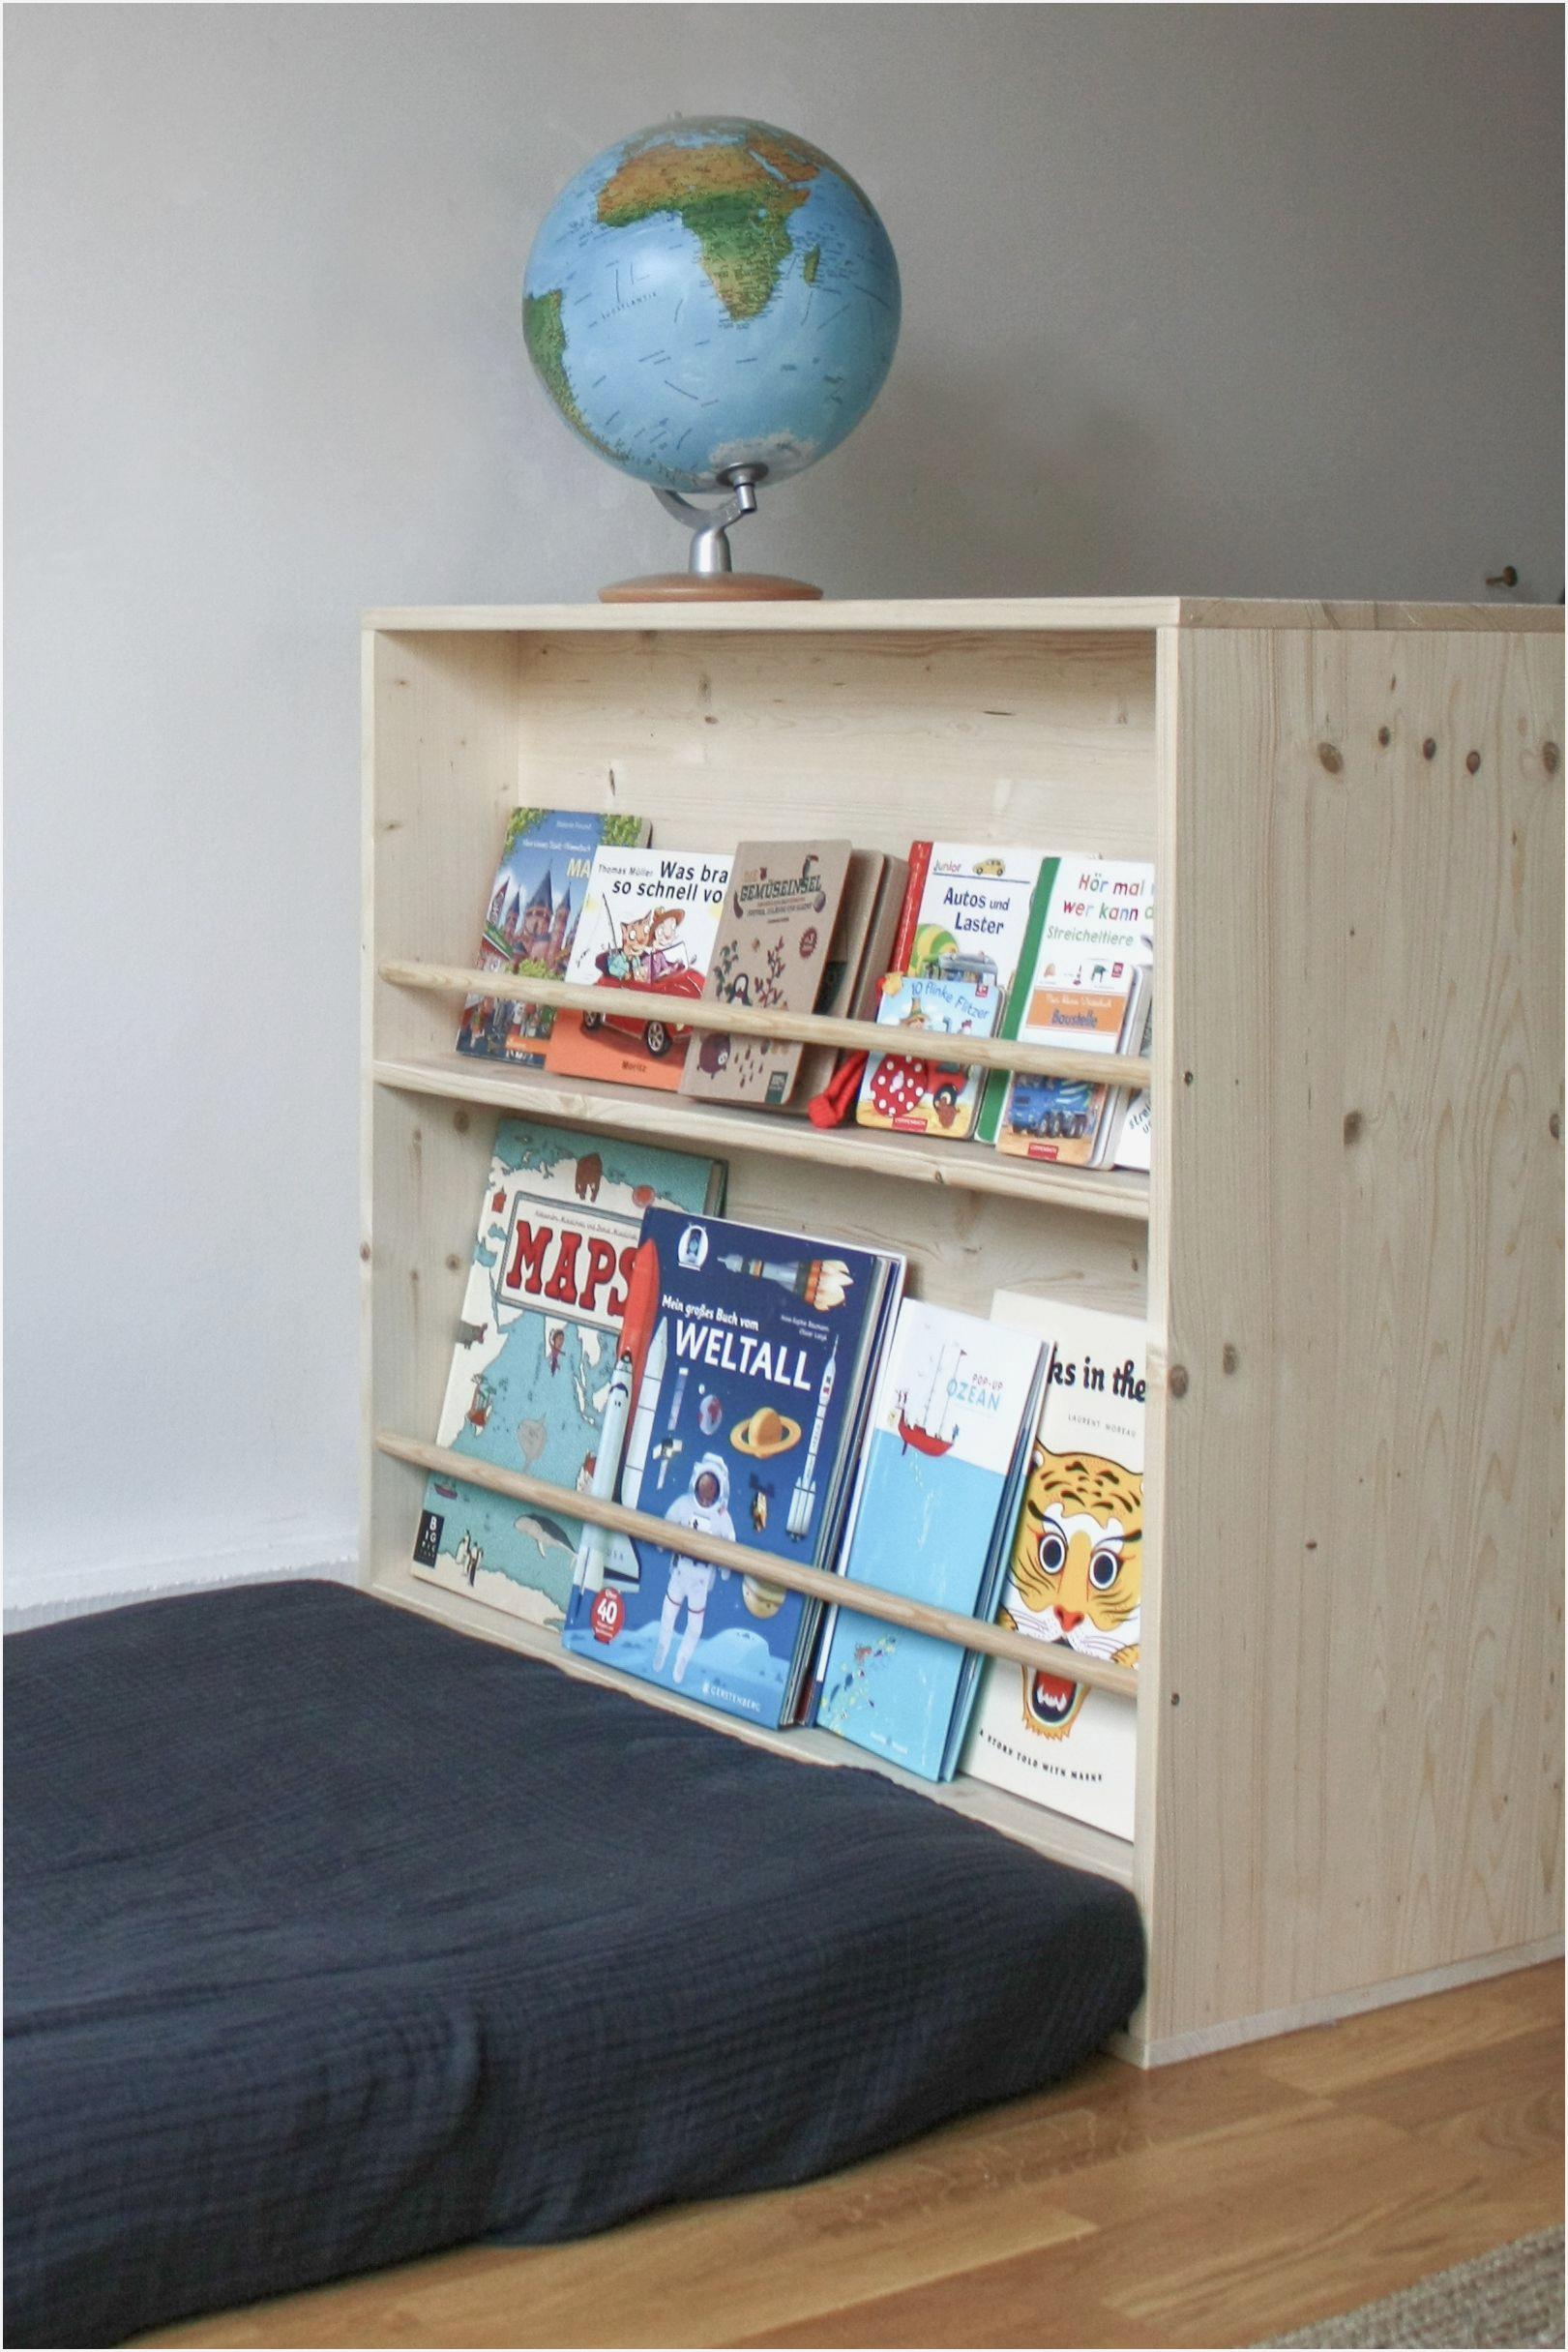 Full Size of Kinderzimmer Aufbewahrungsbox Aufbewahrung Regal Aufbewahrungskorb Blau Grau Aufbewahrungsboxen Spielzeug Ikea Aufbewahrungssysteme Aufbewahrungsregal Rosa Kinderzimmer Kinderzimmer Aufbewahrung